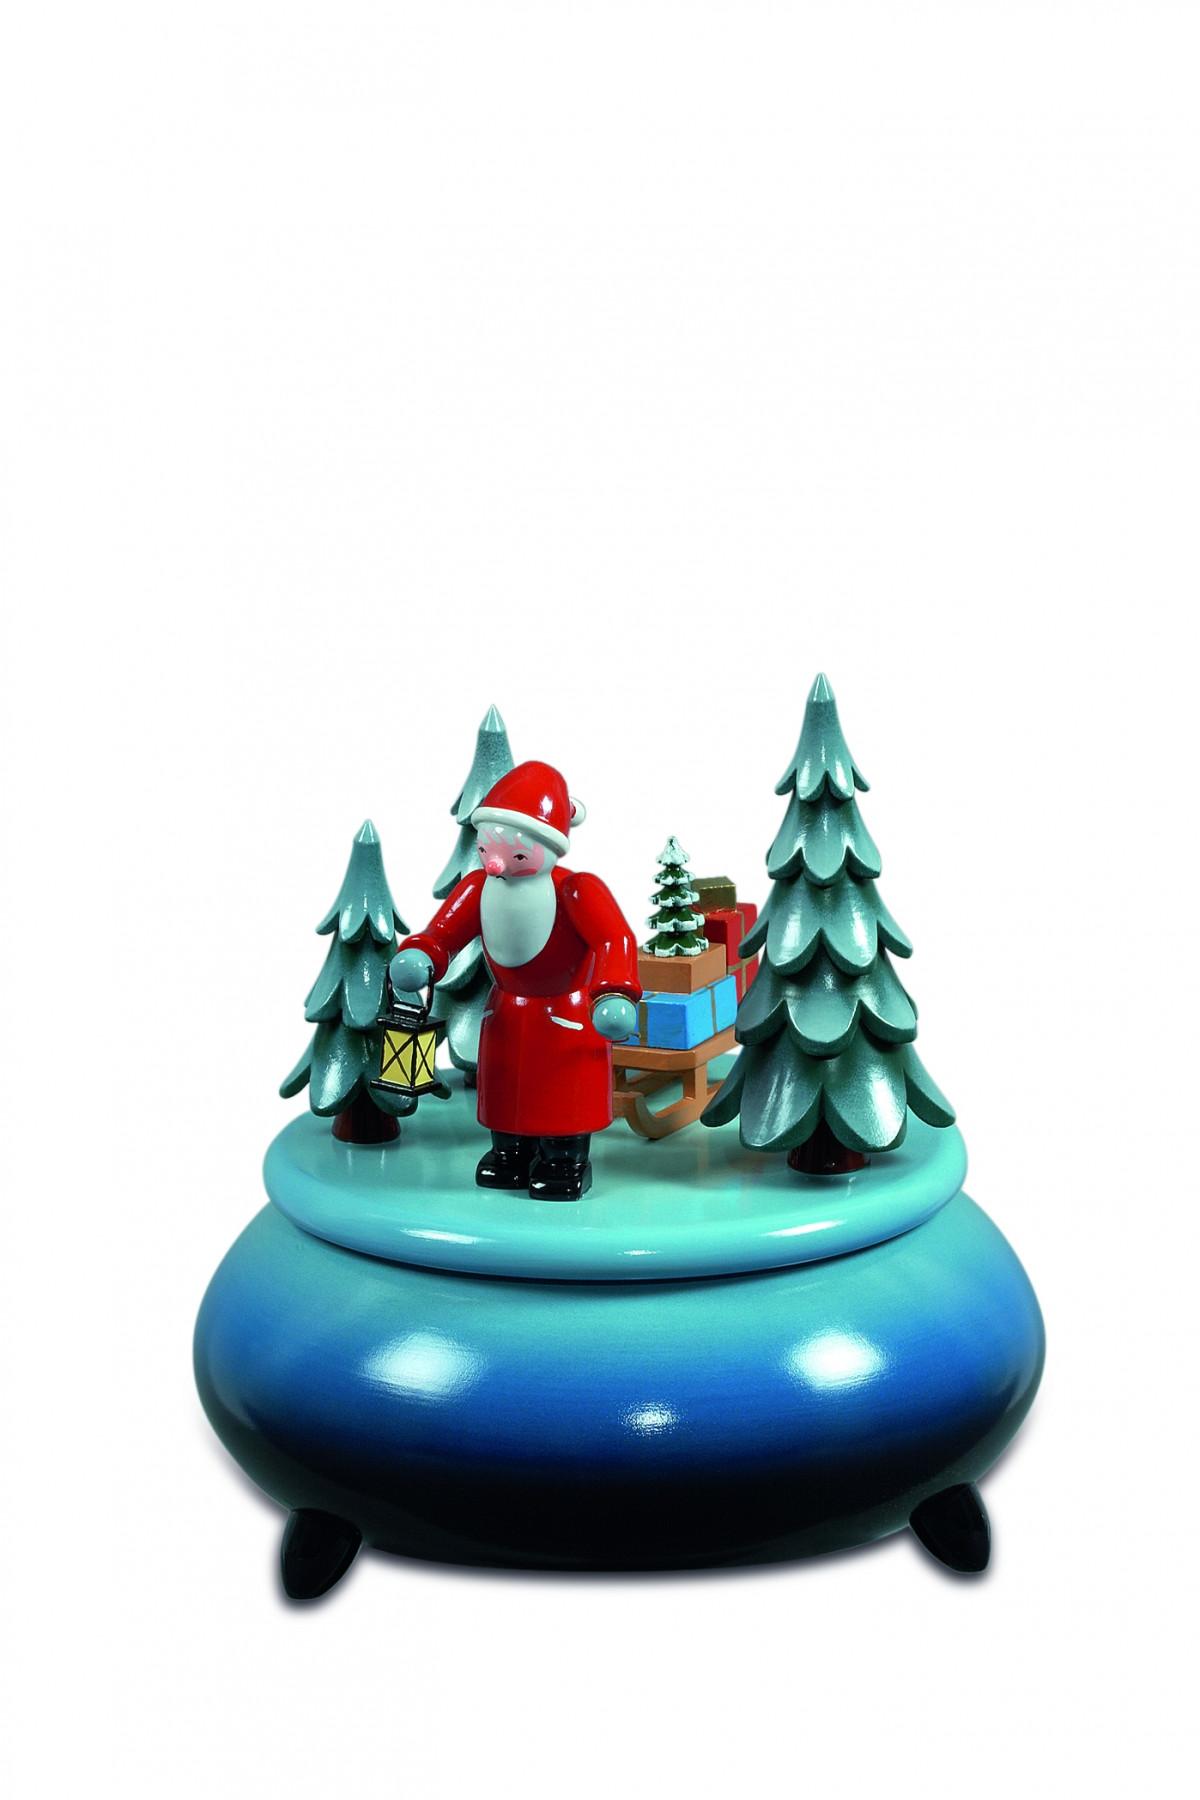 spieldose weihnachtsmann mit schlitten blau wei. Black Bedroom Furniture Sets. Home Design Ideas